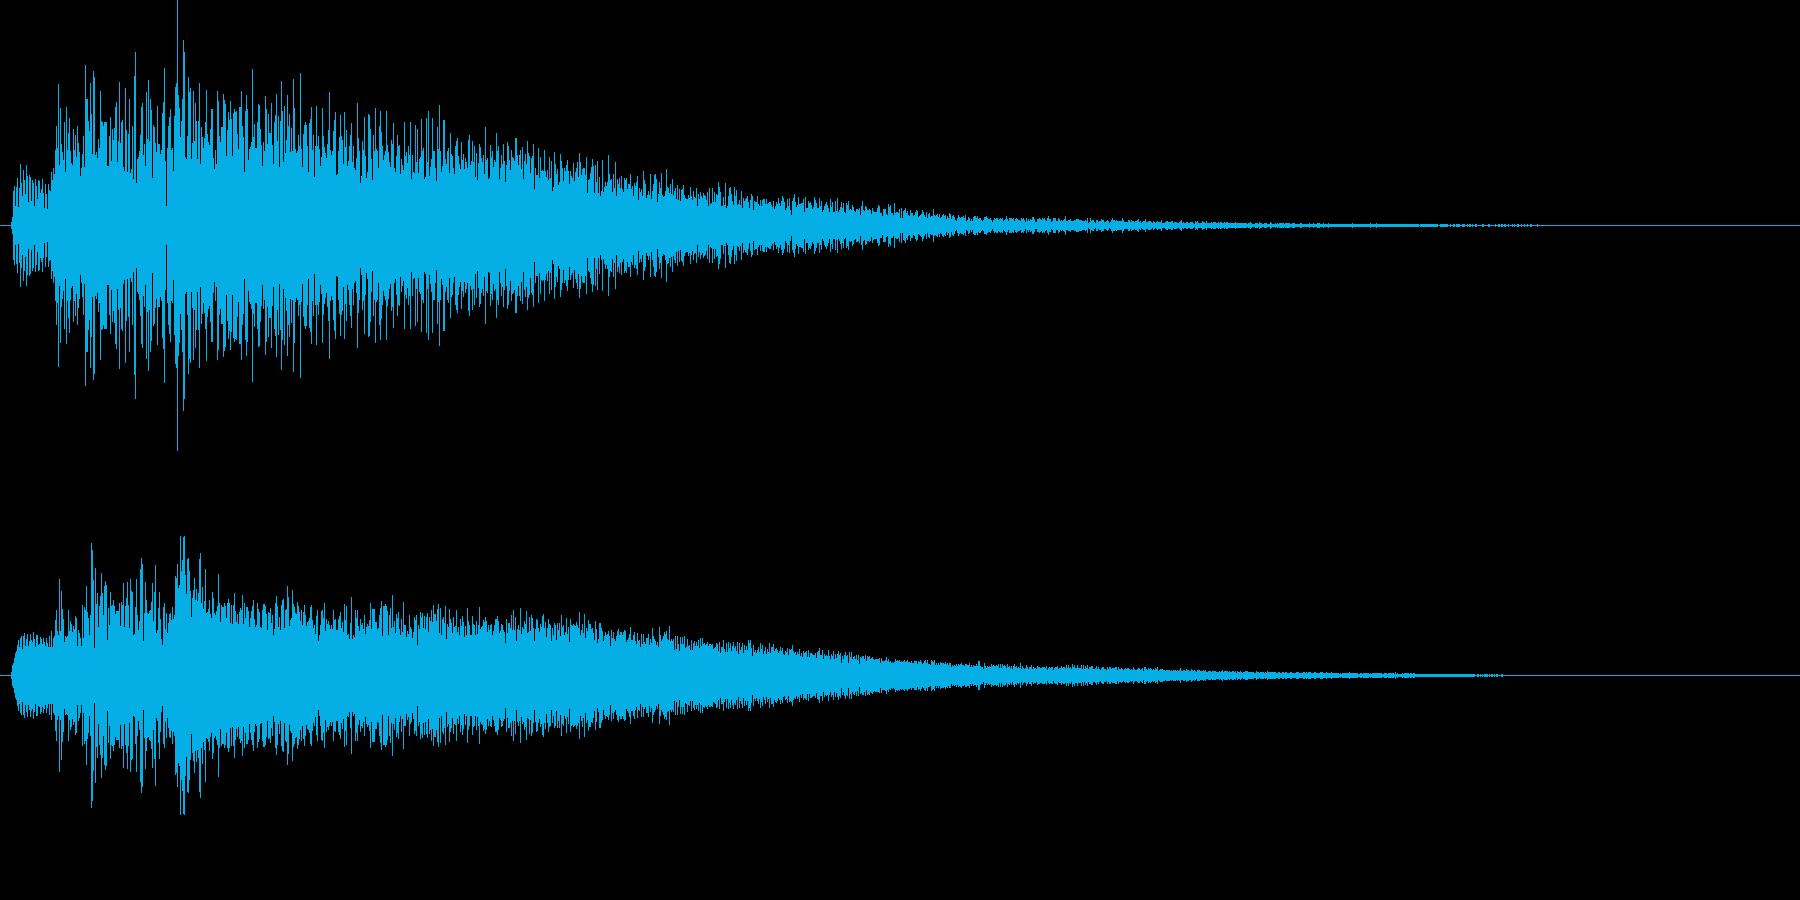 【生演奏】不穏な雰囲気のピアノジングルの再生済みの波形